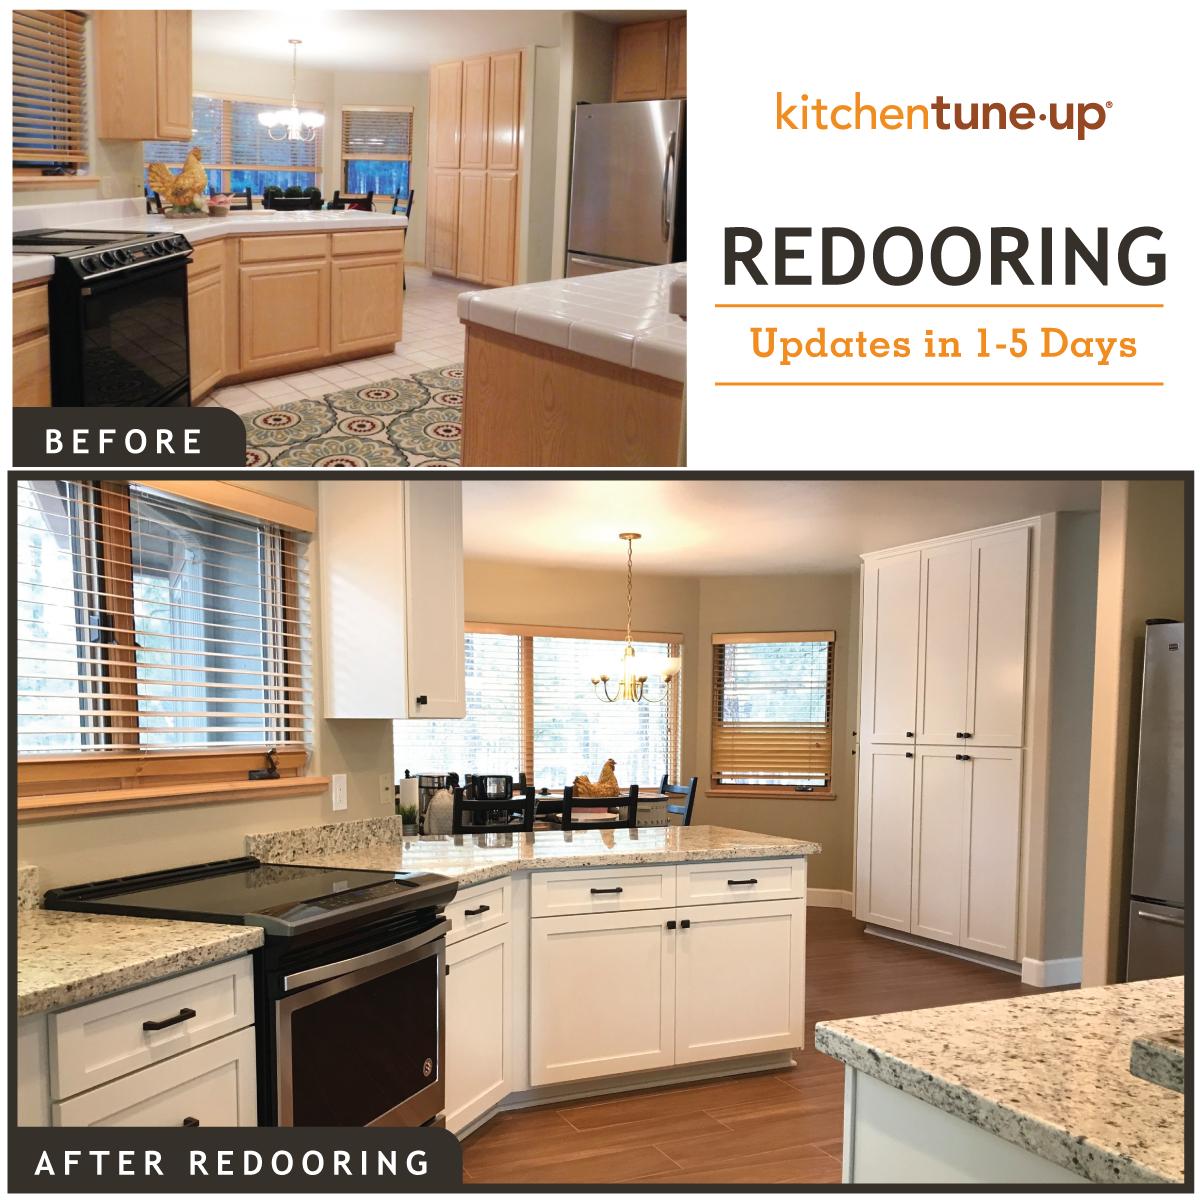 Kitchen Cabinet Door Replacement Kitchen Tune Up Kitchen Cabinets Kitchen Cabinet Doors Home Kitchens